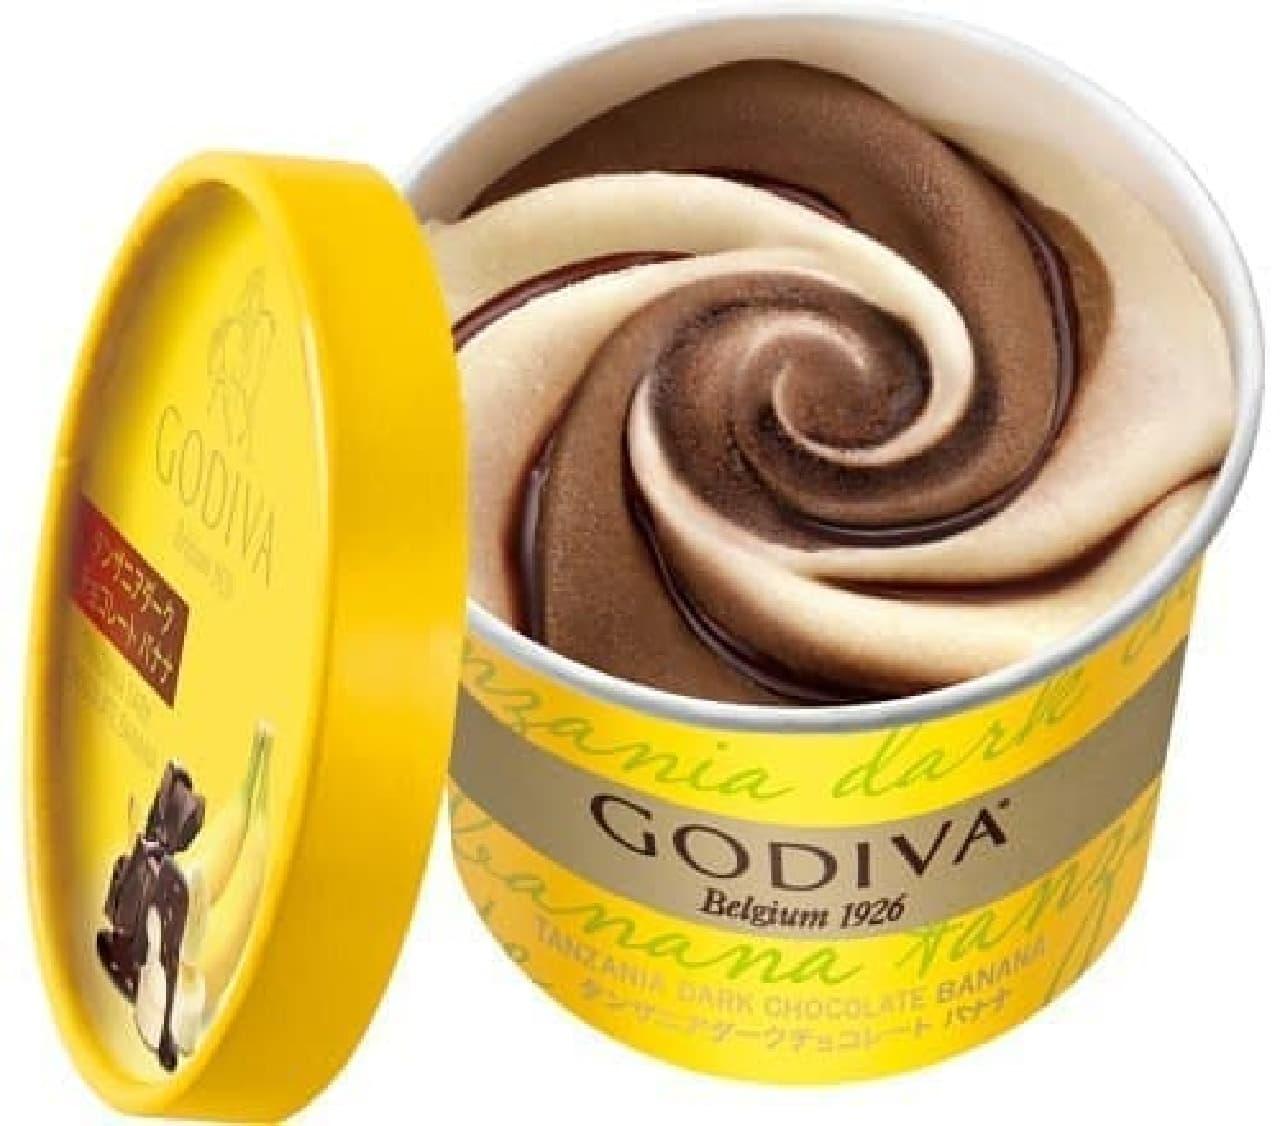 ゴディバのカップアイス「タンザニアダークチョコレート バナナ」